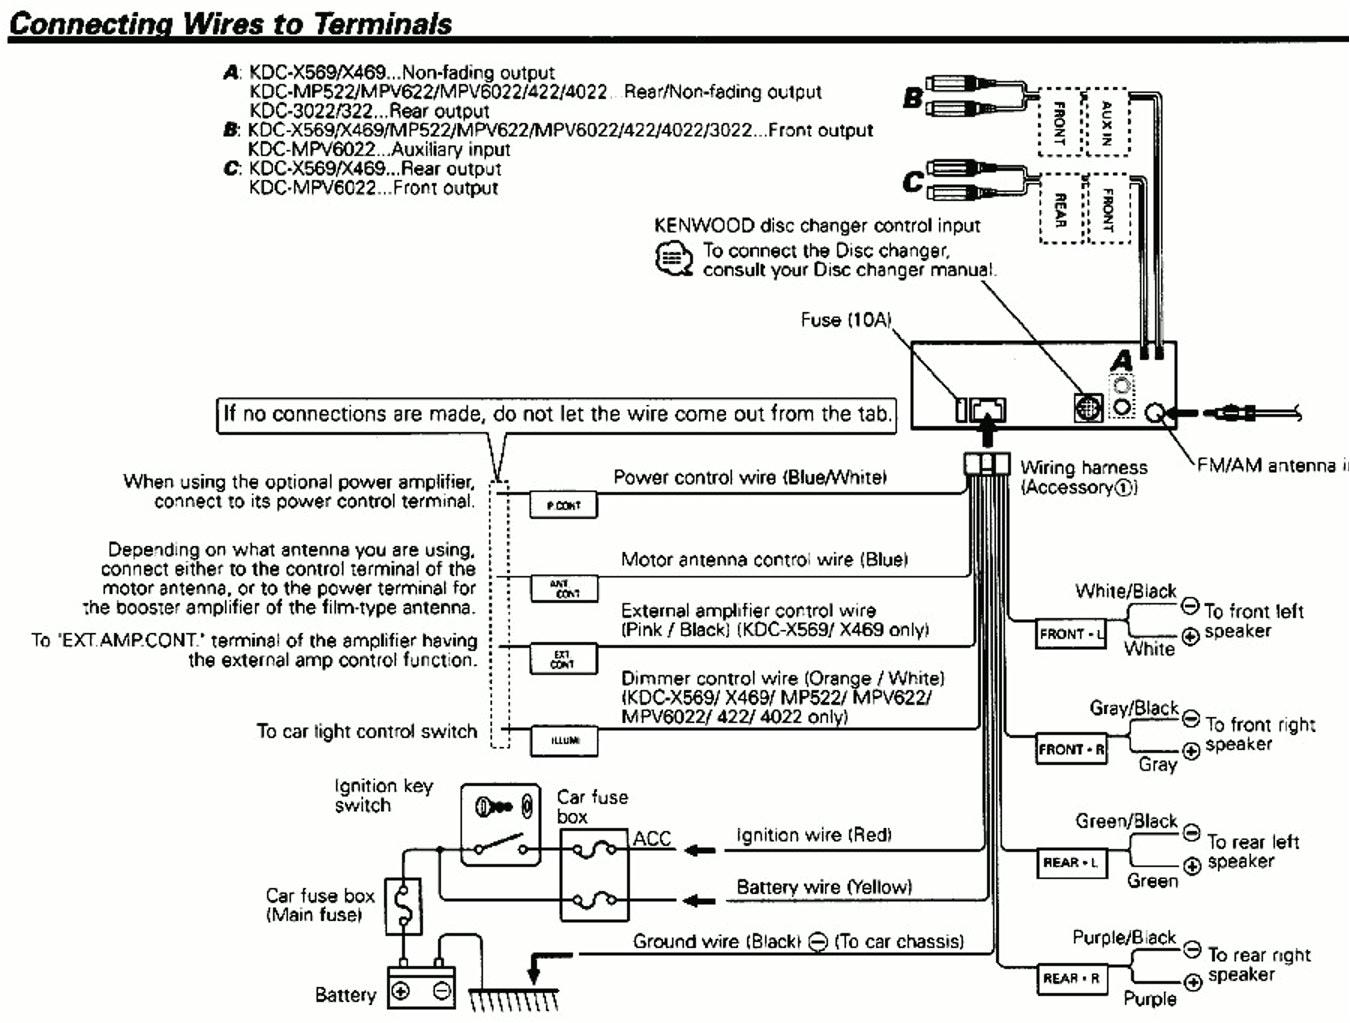 gallery of kenwood kdcmp345u wiring diagram